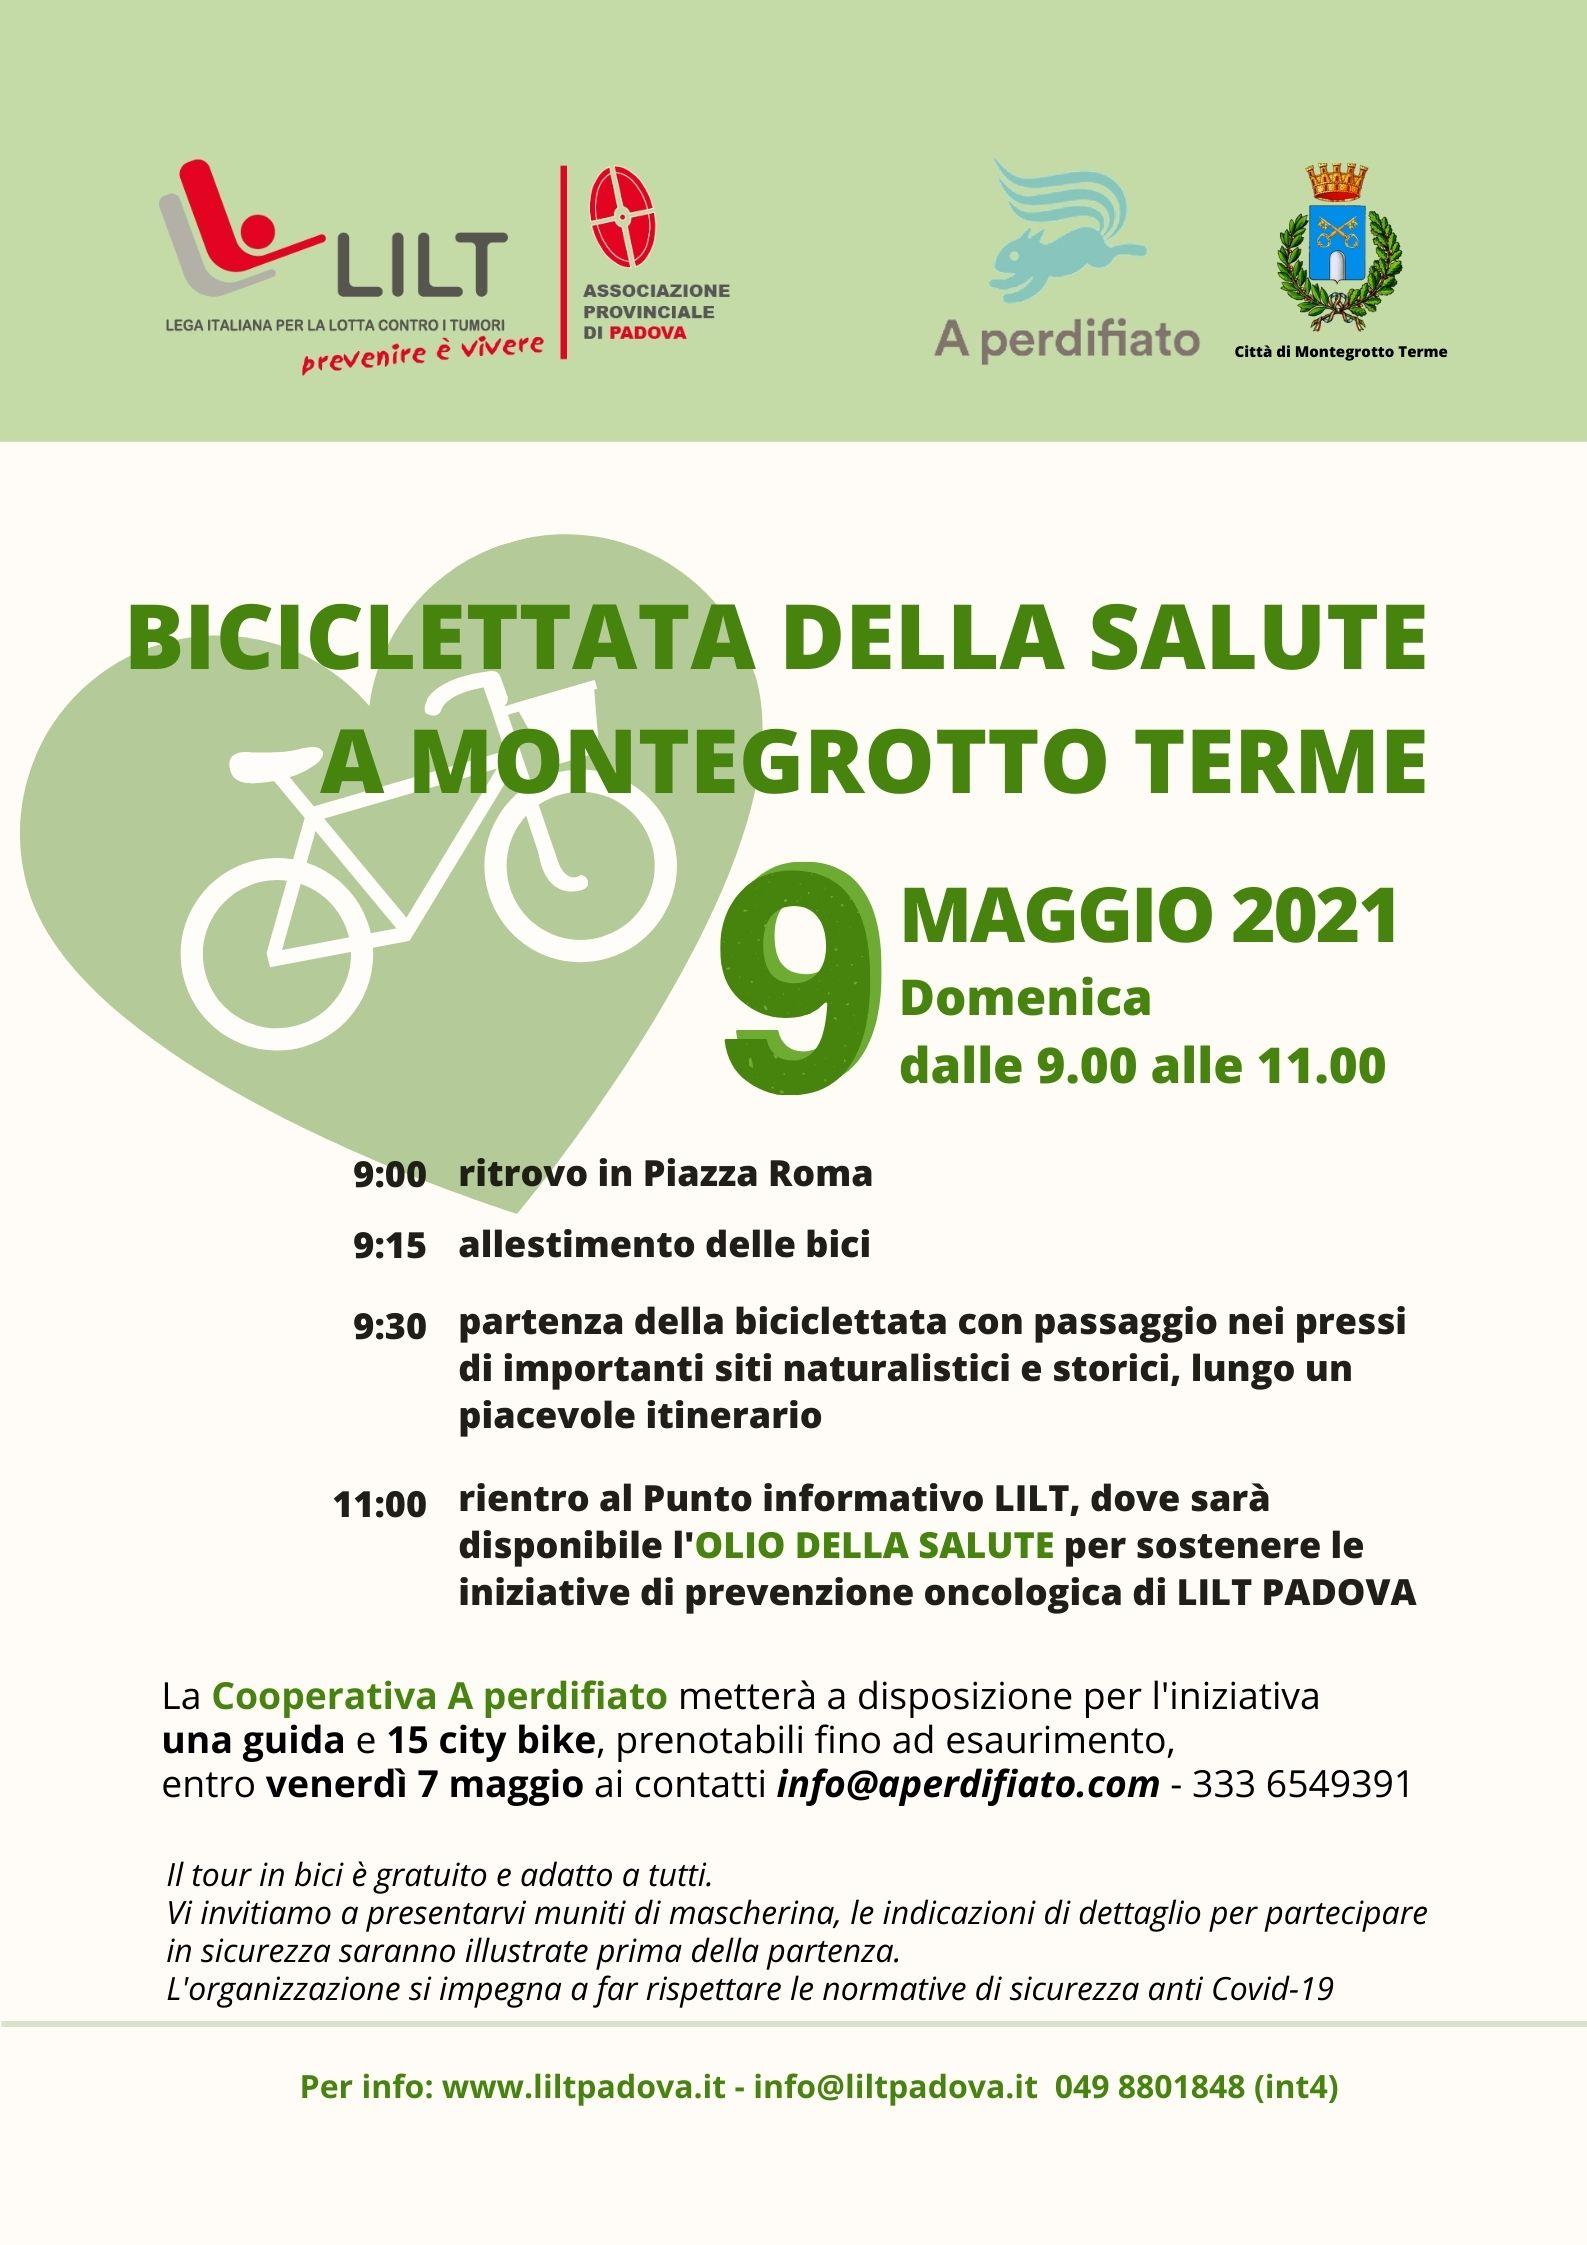 Biciclettata della salute a Montegrotto Terme - Domenica 9 maggio 2021